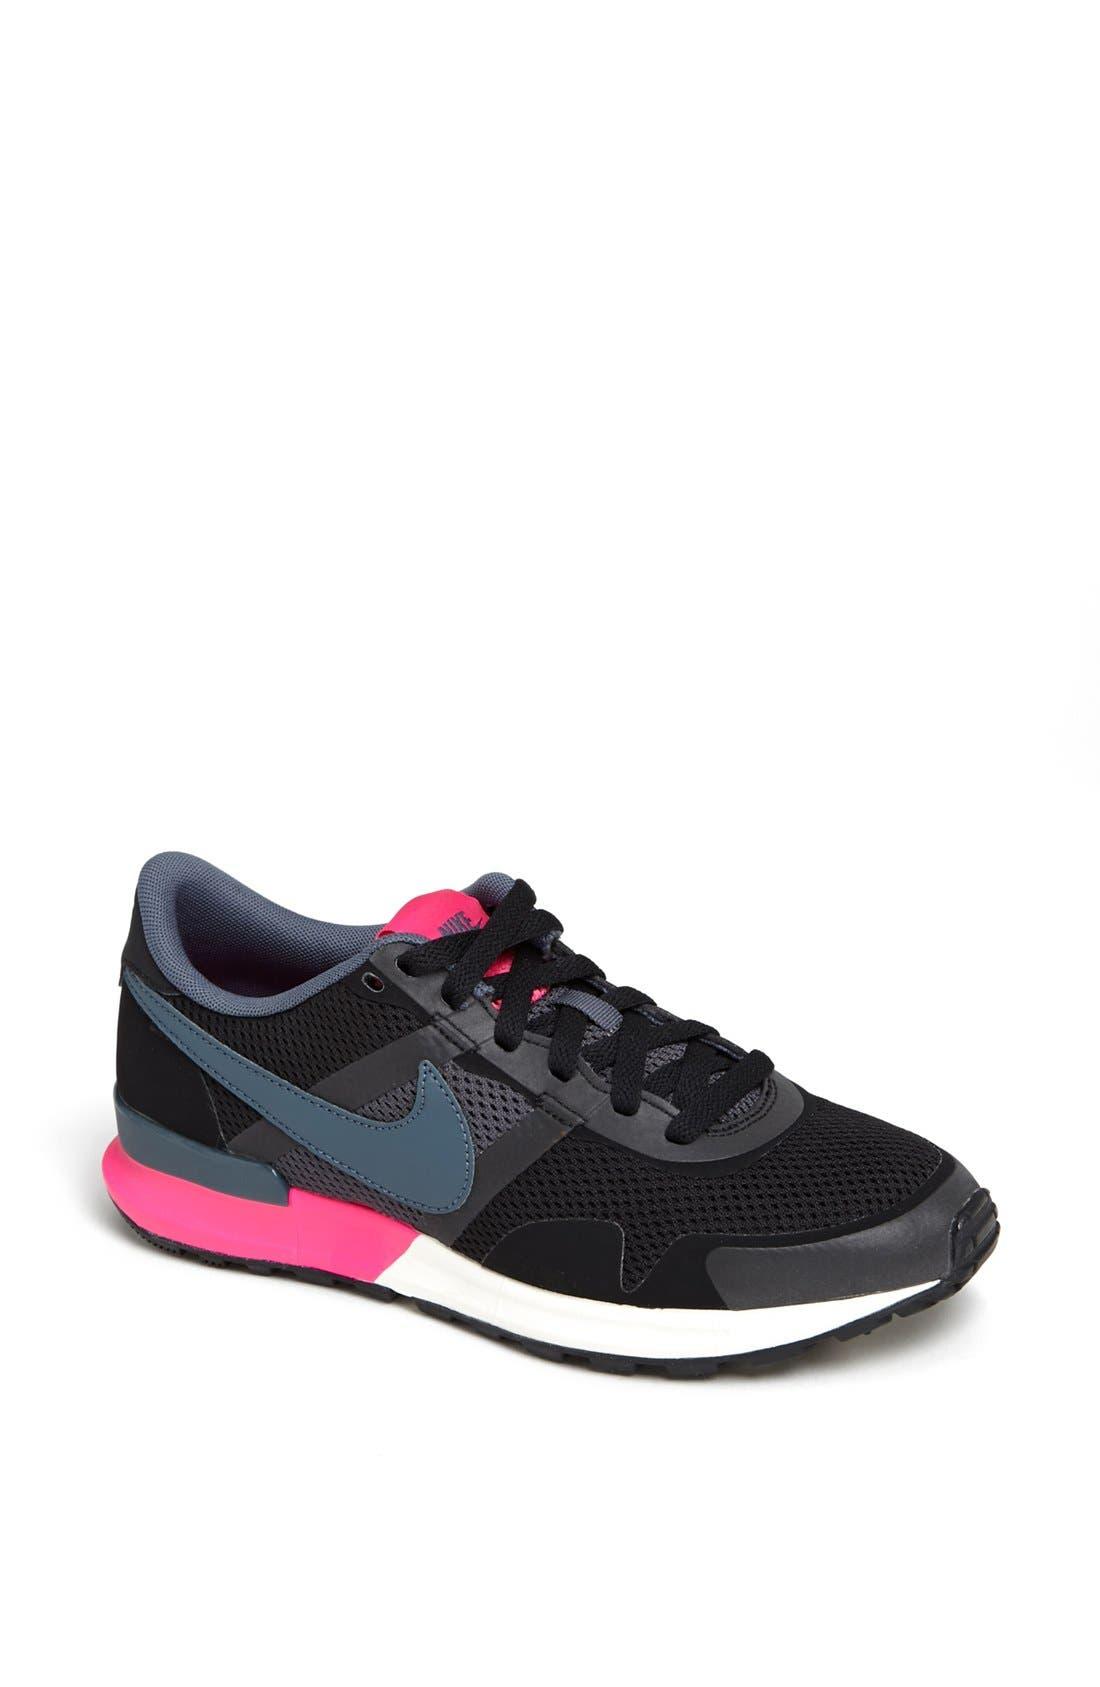 Alternate Image 1 Selected - Nike 'Air Pegasus' Running Shoe